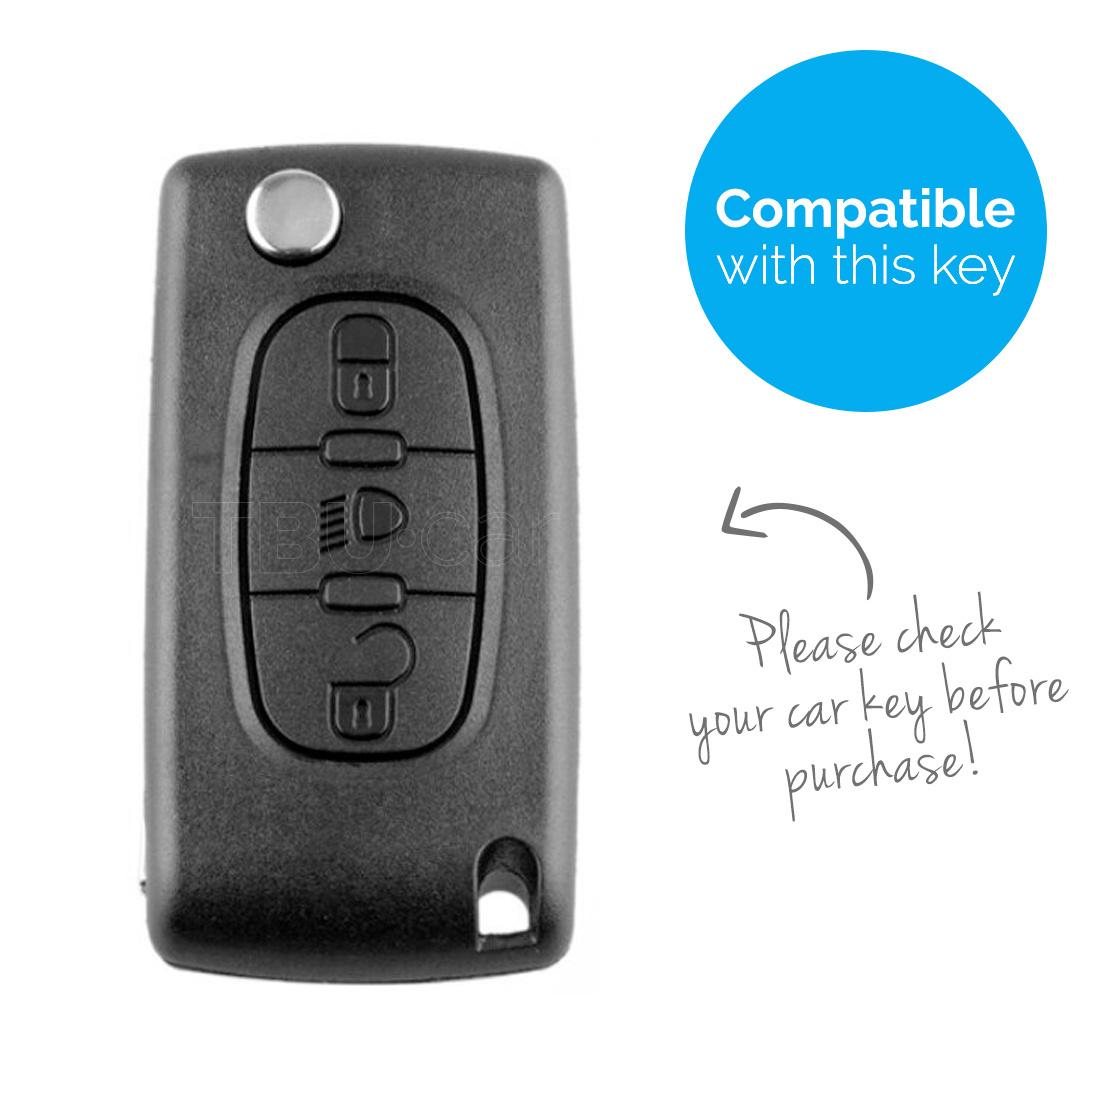 TBU car Autoschlüssel Hülle für Peugeot 3 Tasten (Licht Taste) - Schutzhülle aus Silikon - Auto Schlüsselhülle Cover in Violett